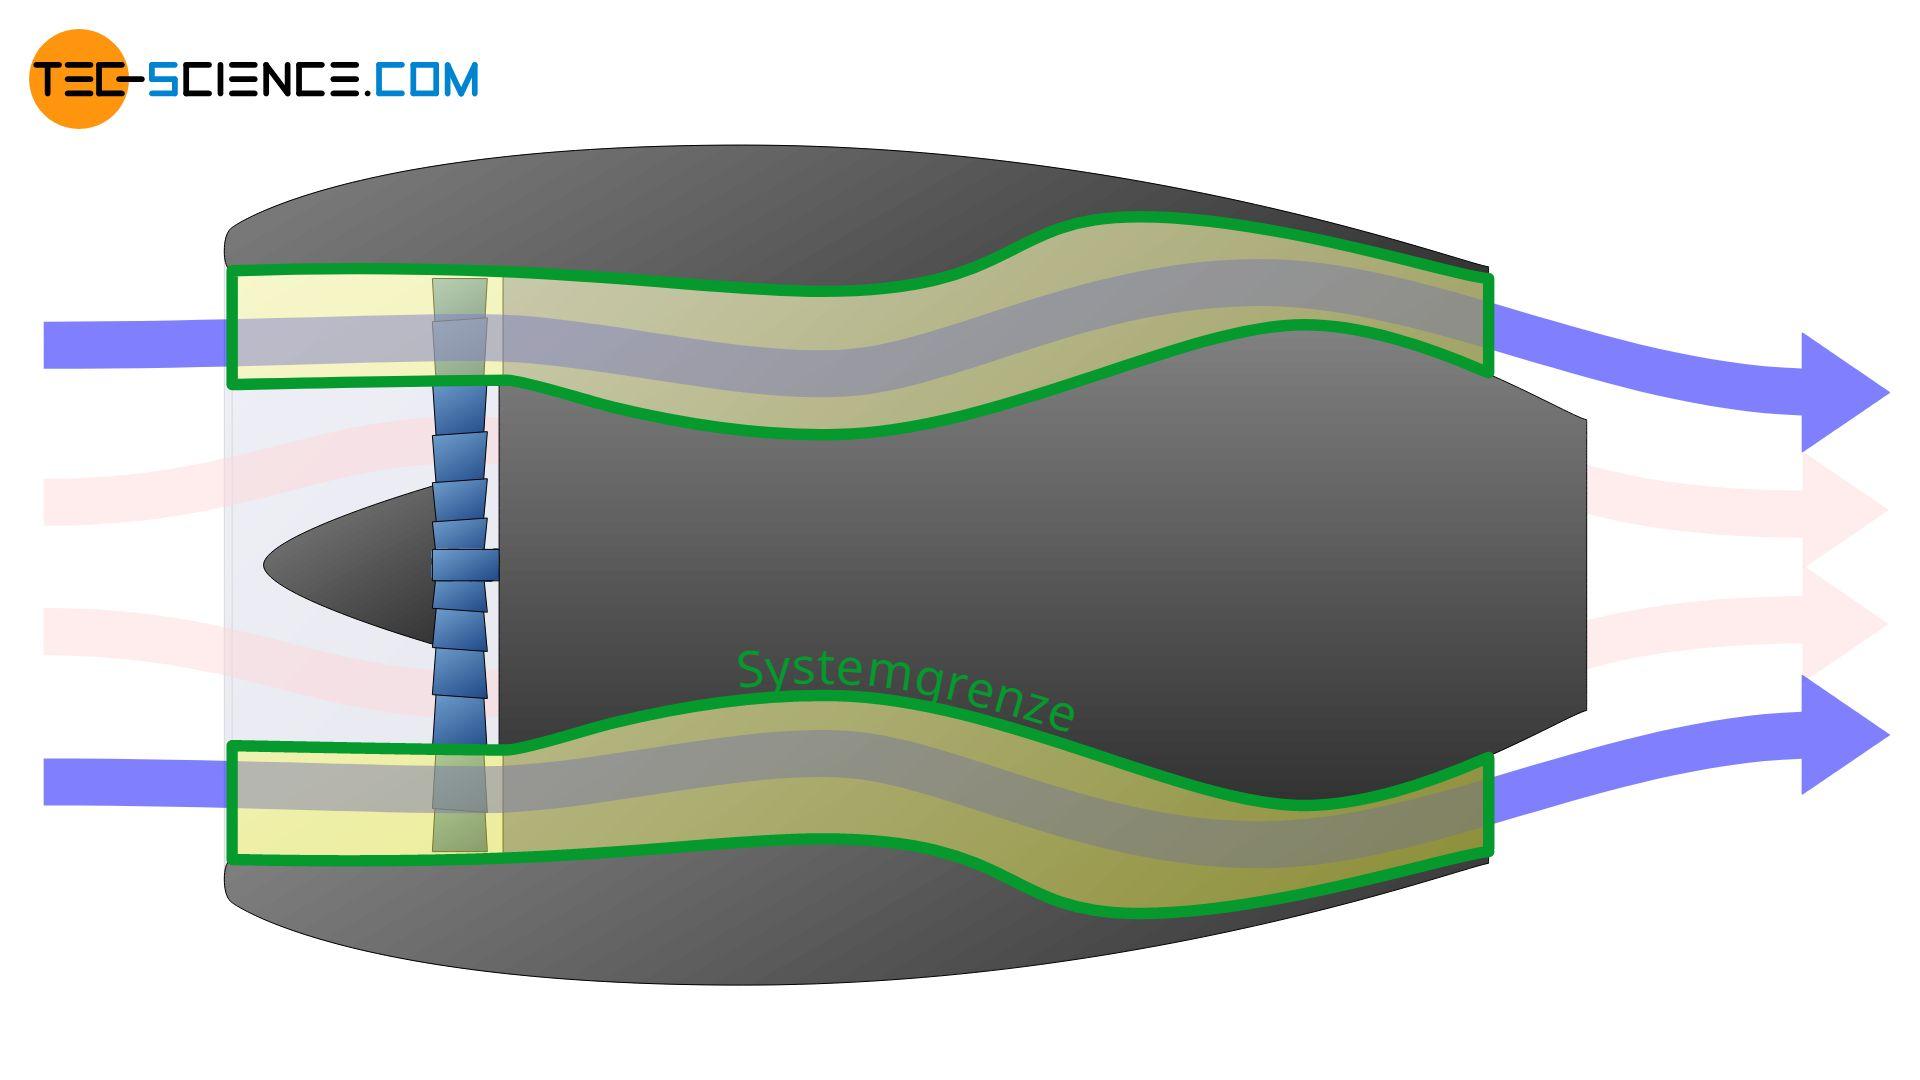 Bypass als Systemgrenze zur Beschreibung der thermodynamischen Vorgänge im Mantelstrom